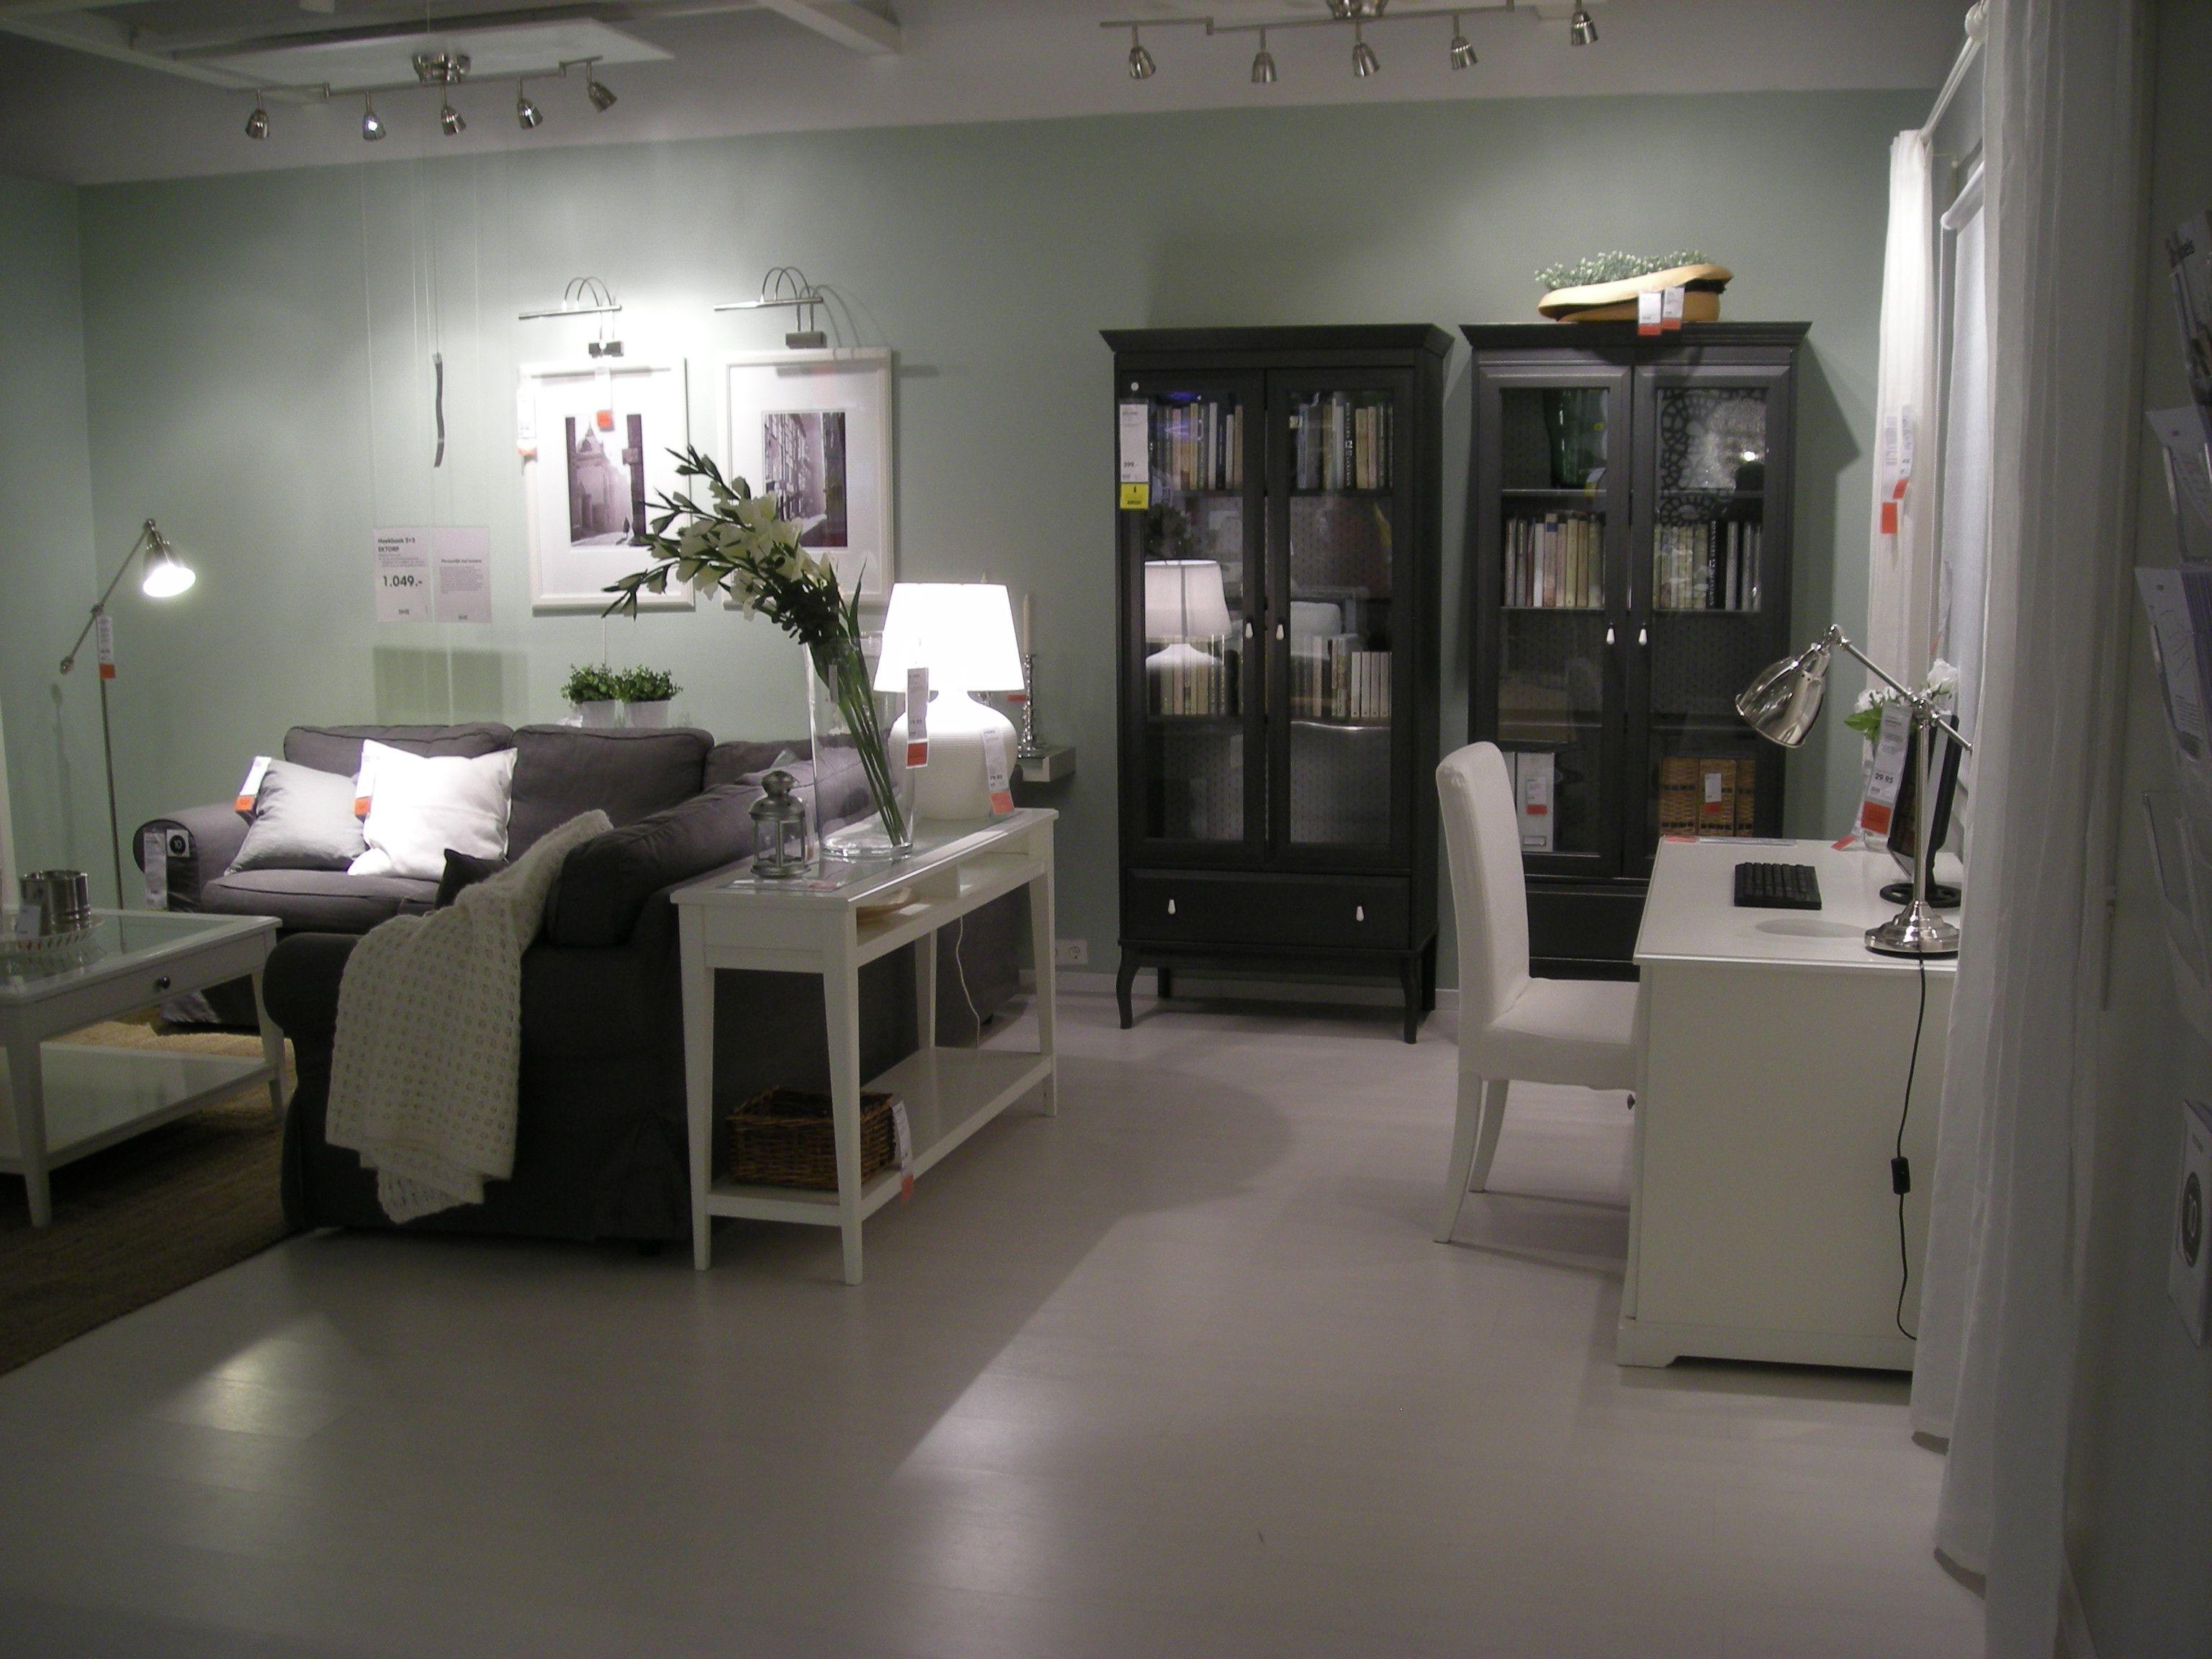 Woonkamer Decoratie Ikea: Wanddecoratie houtsnijwerk decor ideas ...